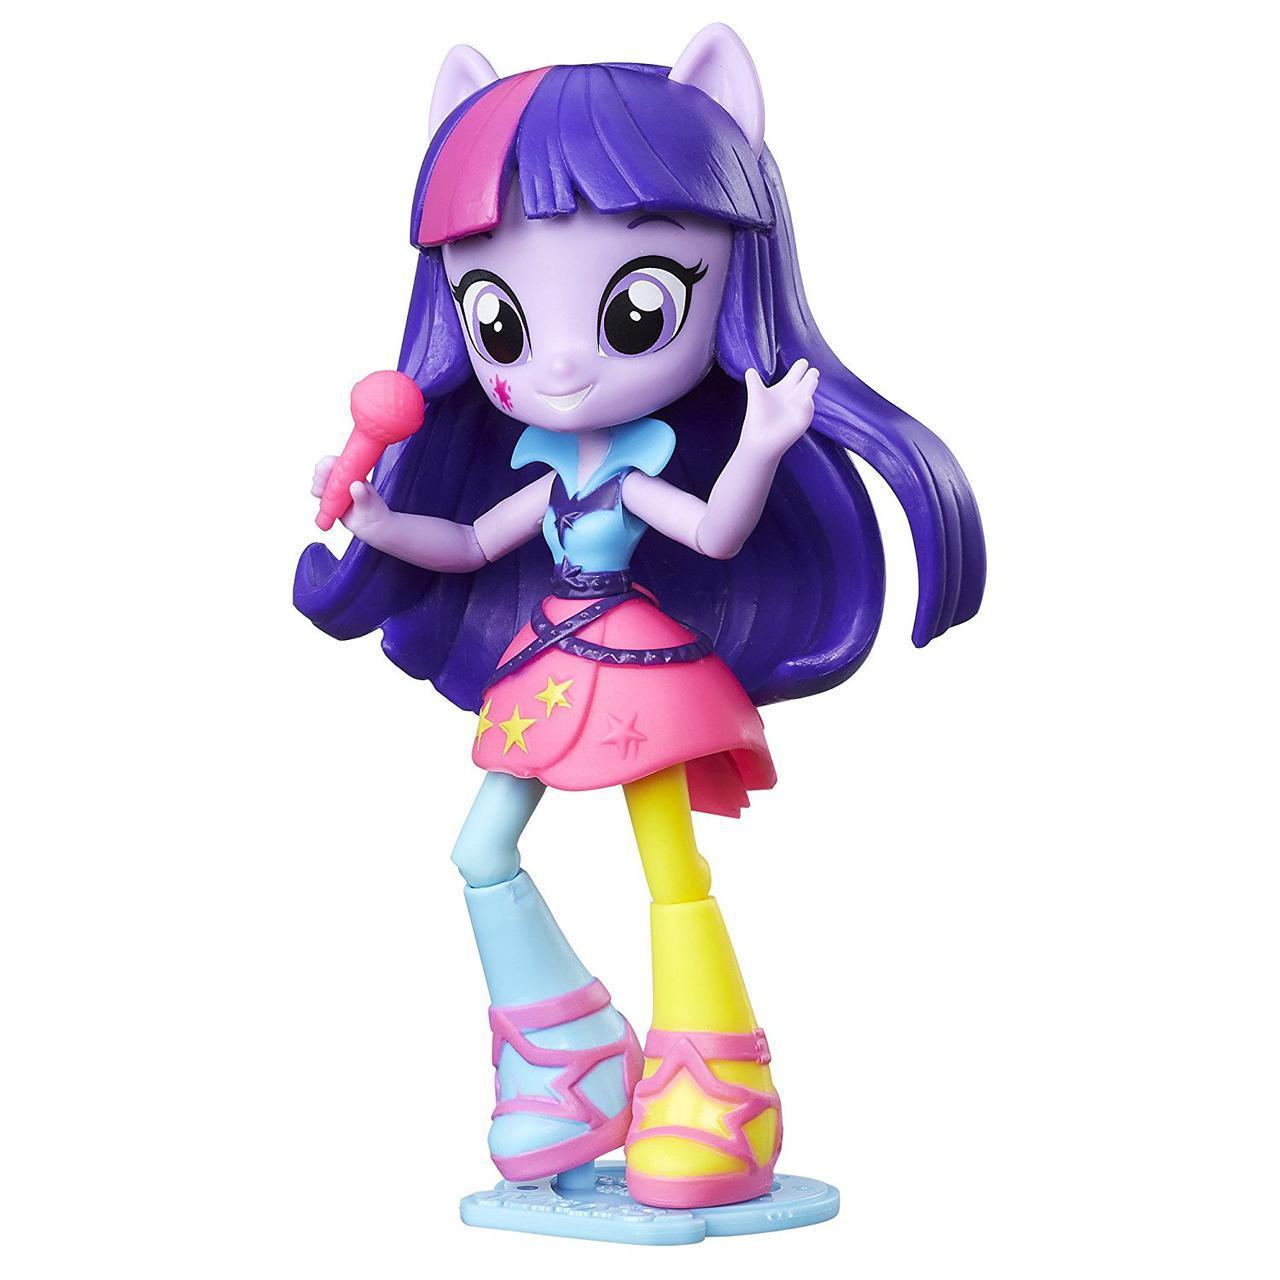 Май литл пони Эквестрии Твайлайт Спаркл с микрофоном Радужный рок Equestria Girls Minis Twilight Sparkle